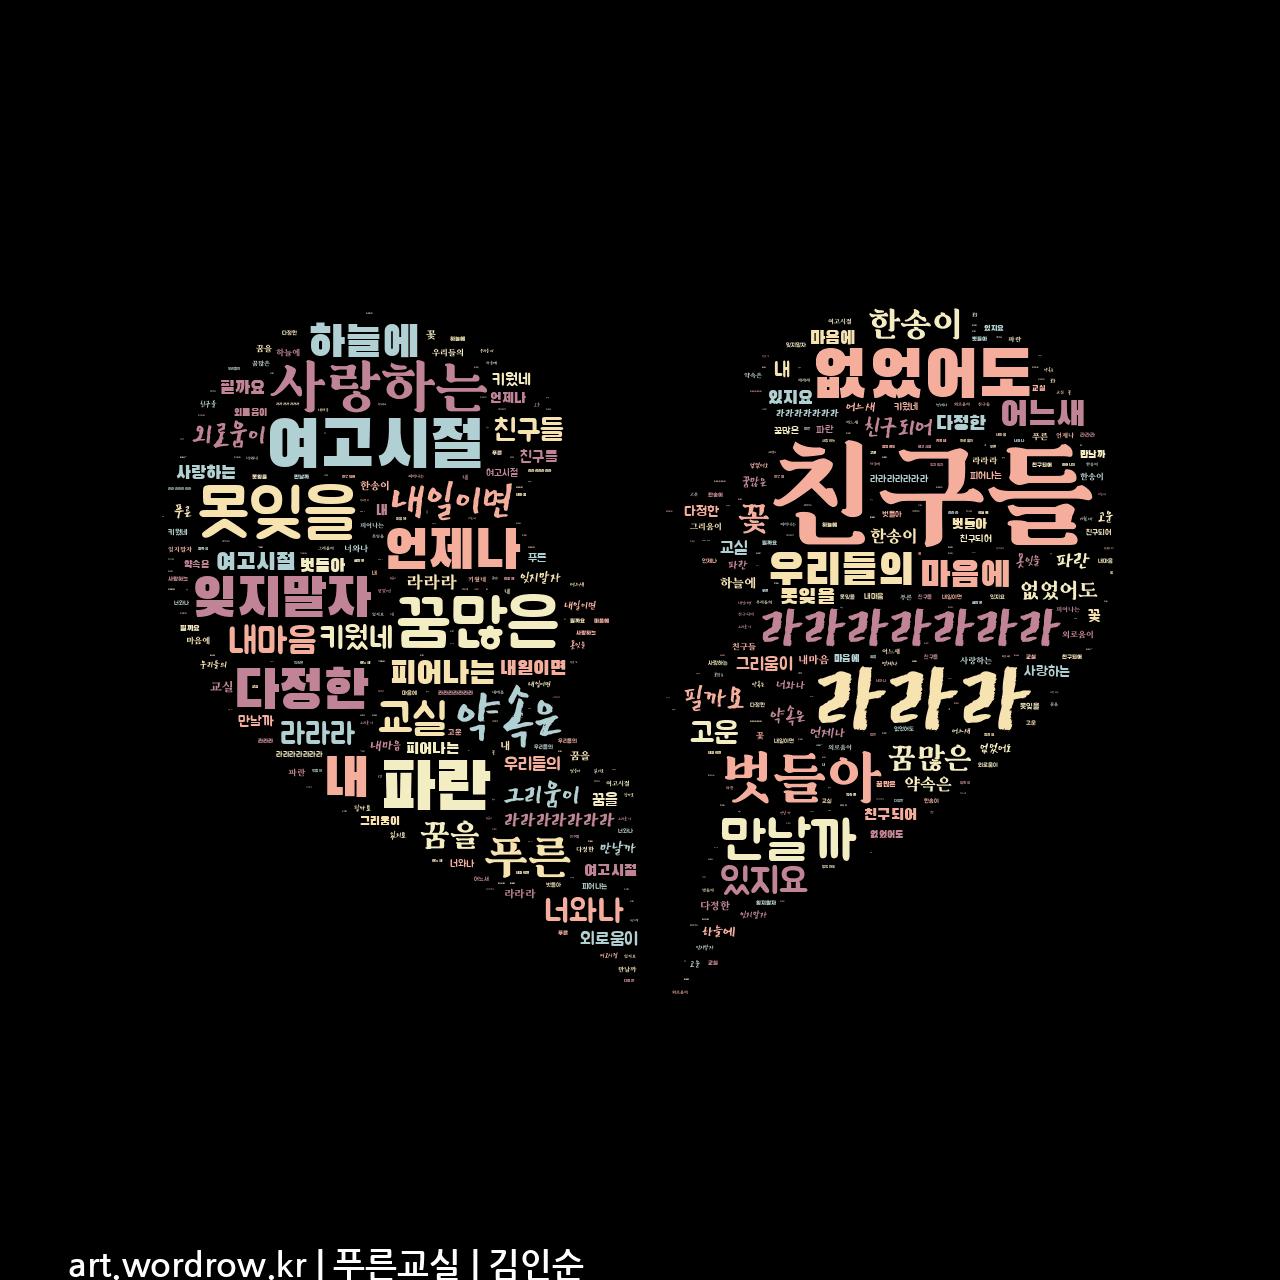 워드 아트: 푸른교실 [김인순]-71